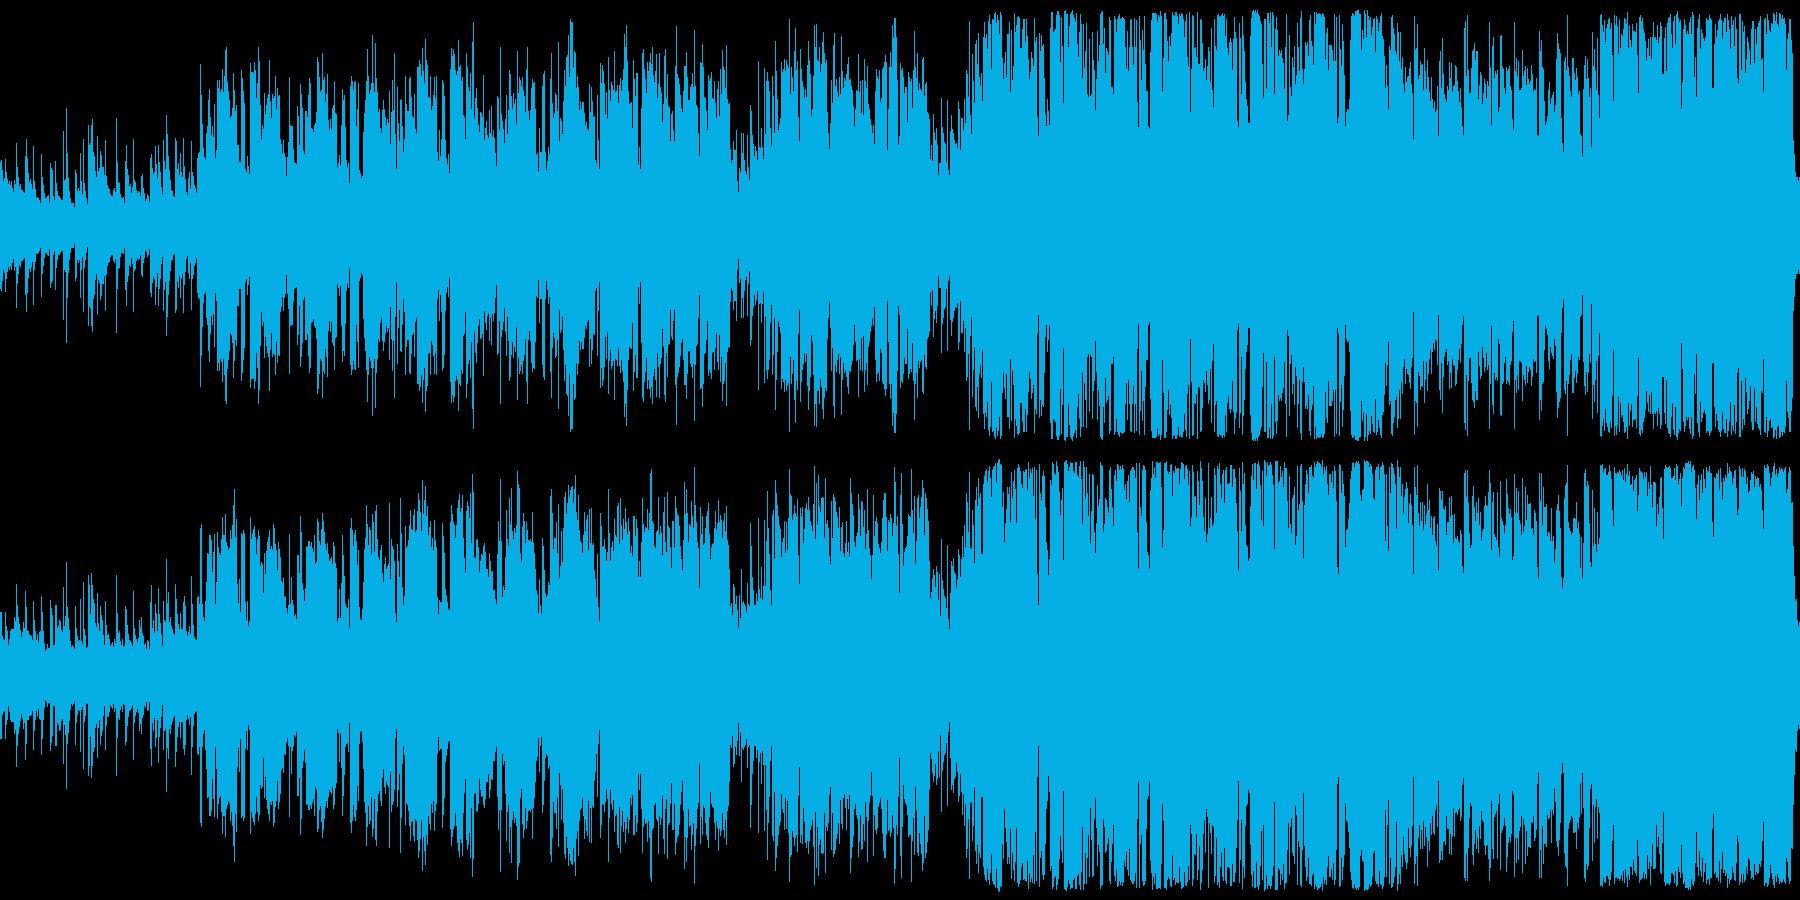 爽やかなほのぼのケルト風BGMの再生済みの波形